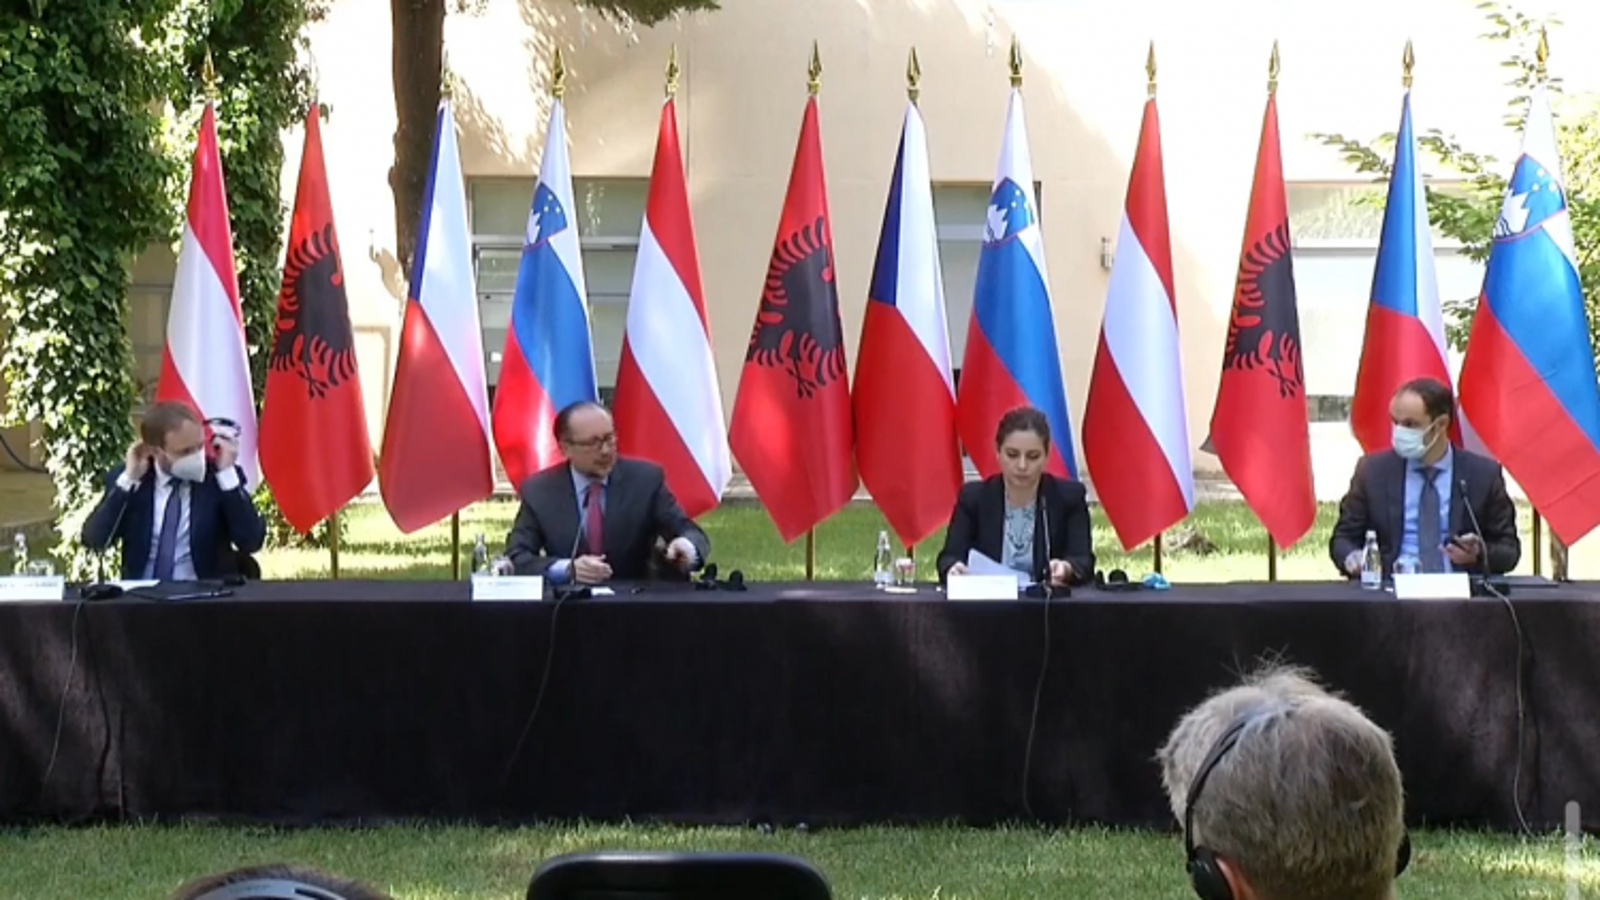 Áo, Cộng hòa Séc và Slovenia ủng hộ Bắc Macedonia gia nhập EU